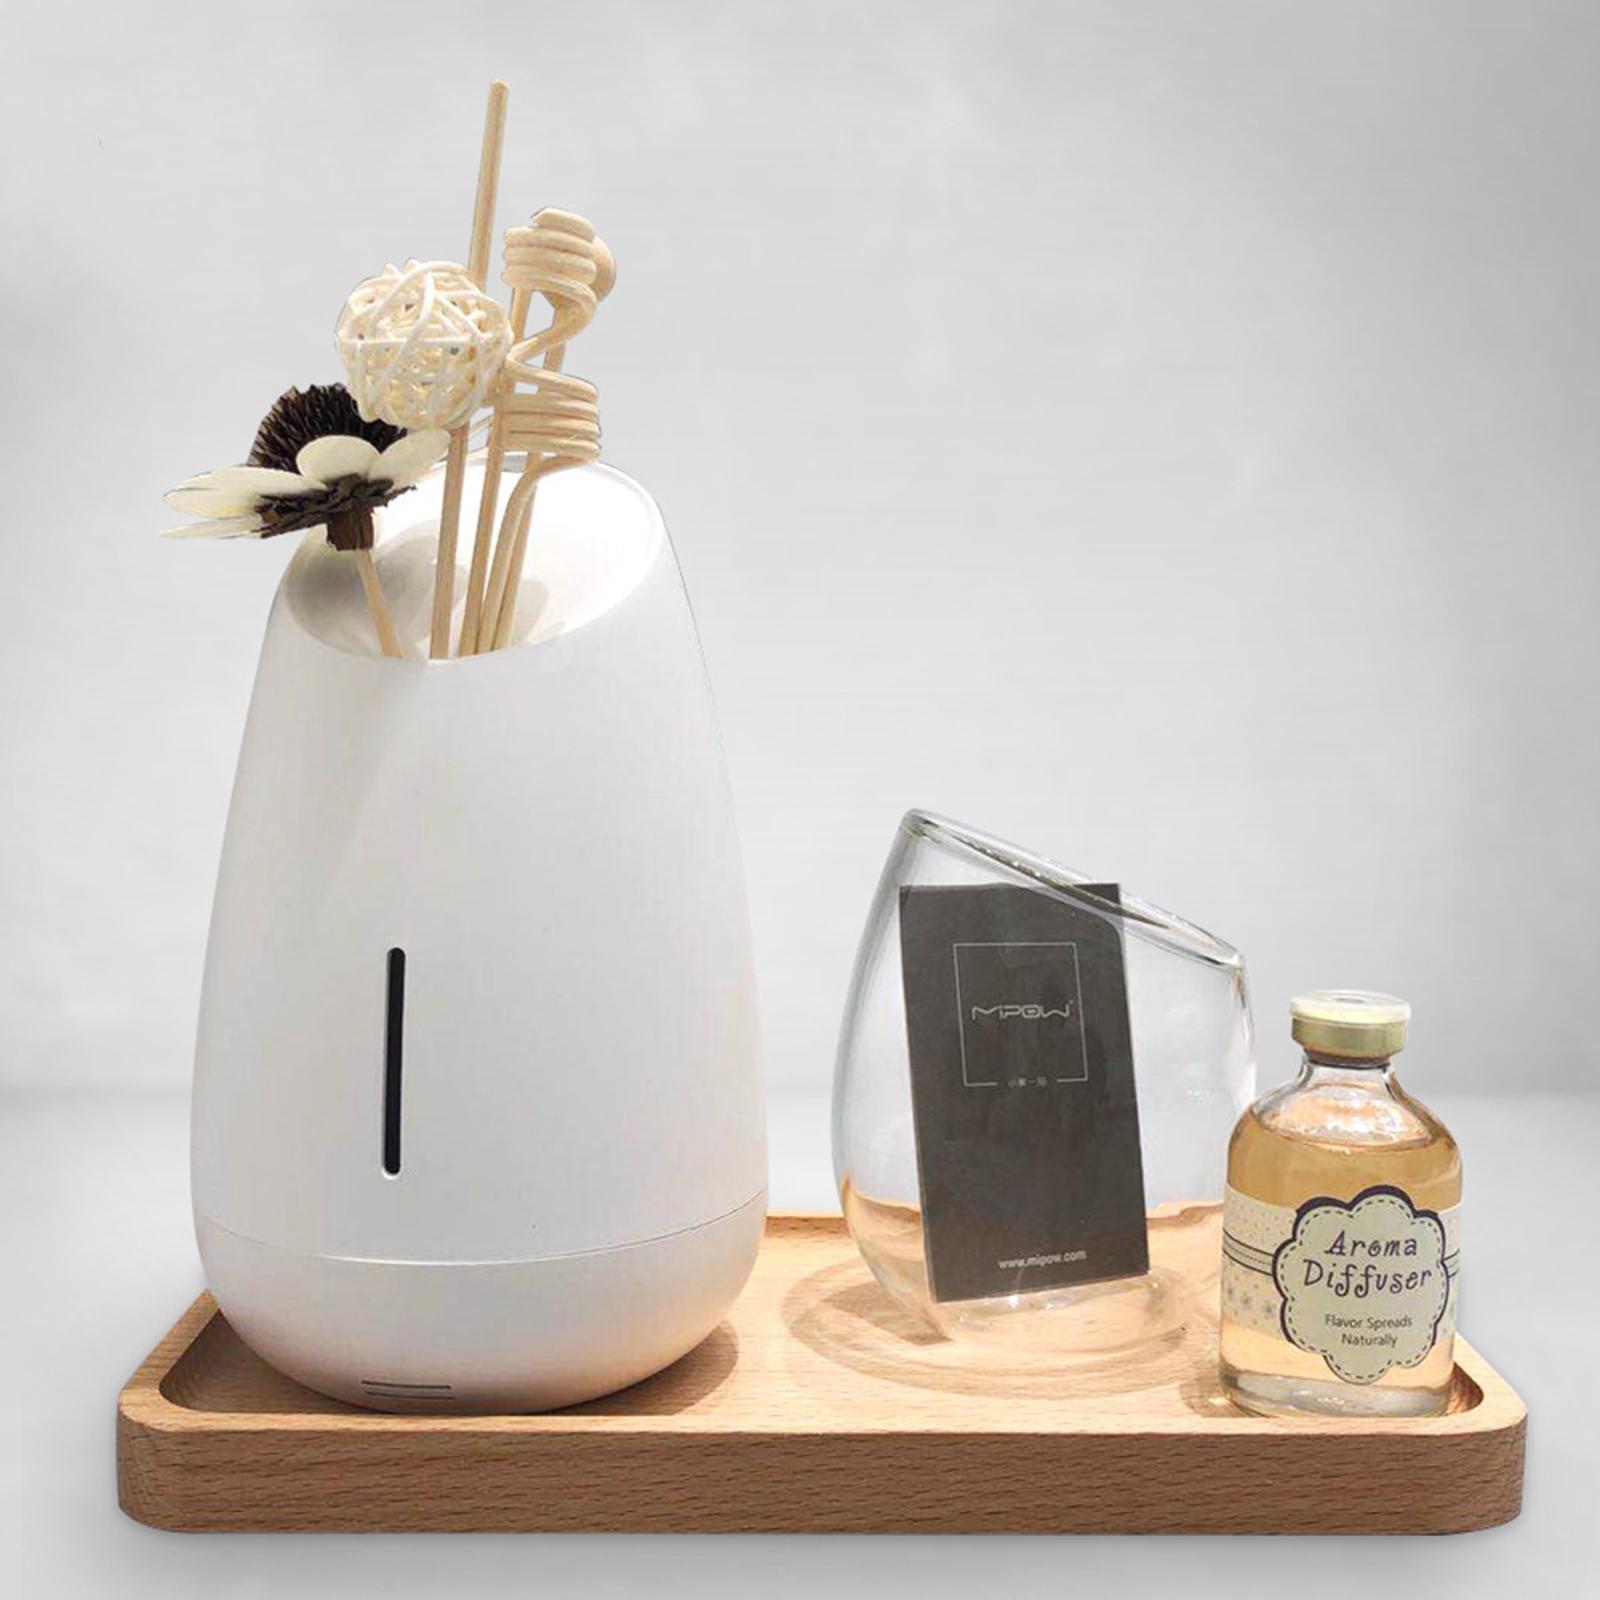 MiPow Vaso aroma-diffuser med musikk, hvit